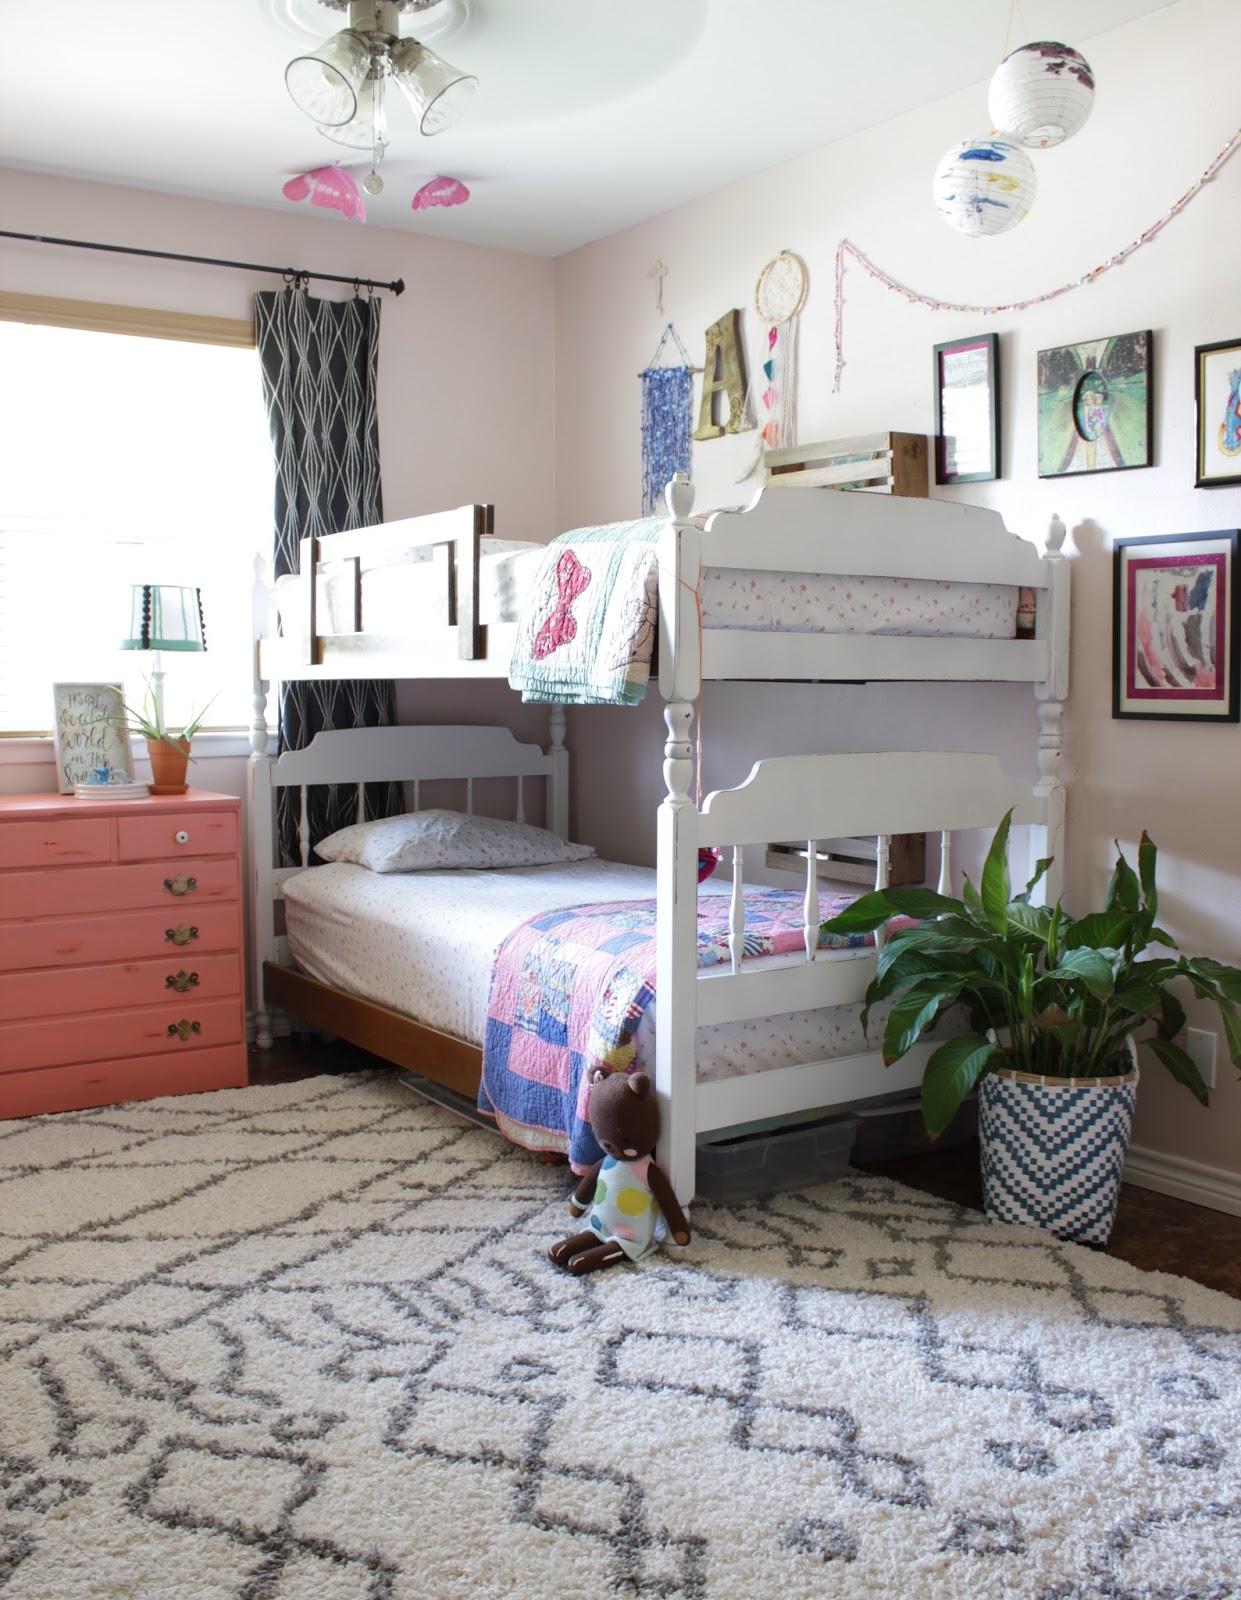 Before: Big kid's aqua dream room design | House Homemade